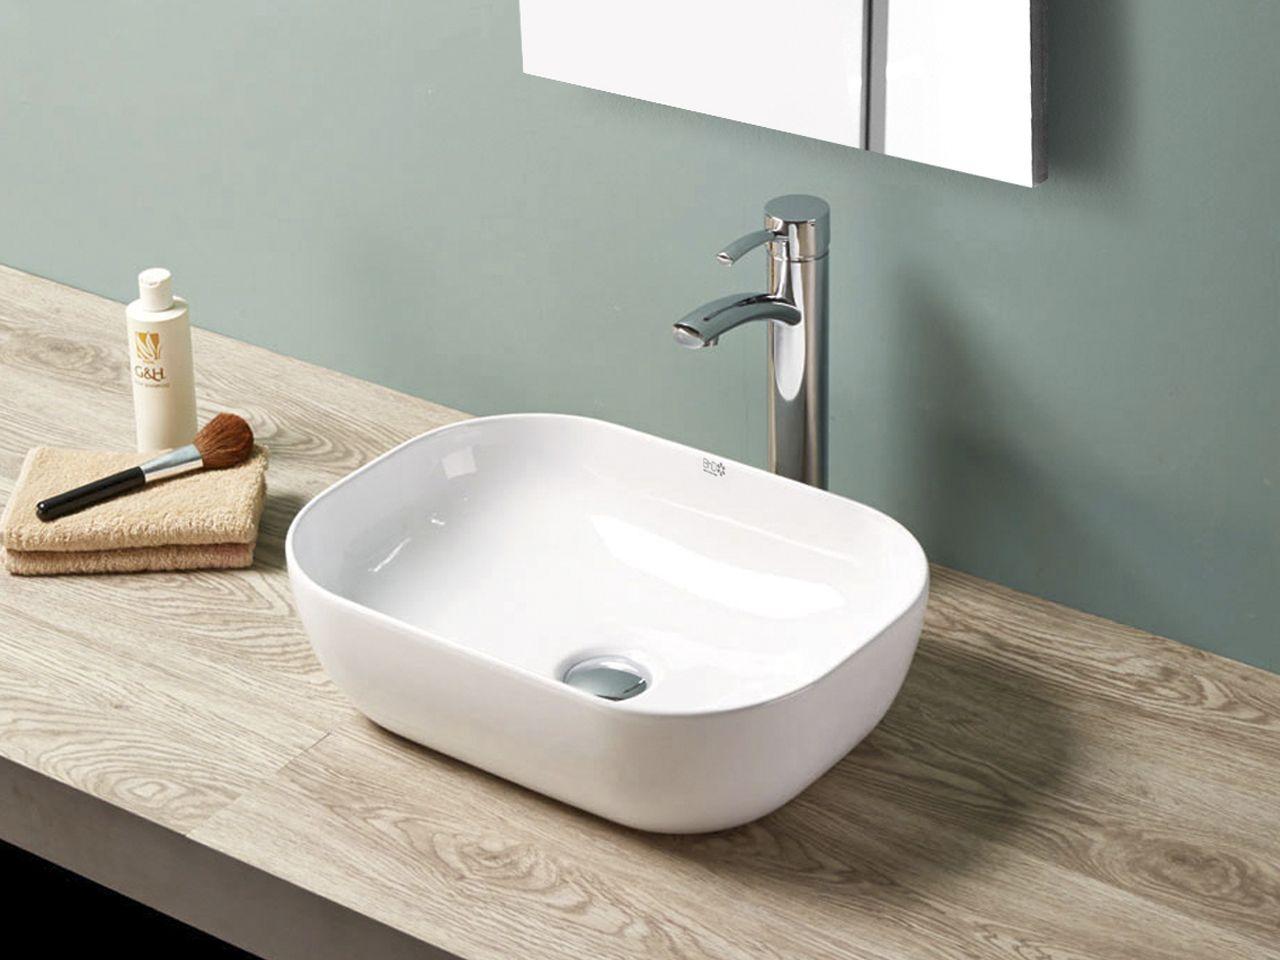 Lavello Bagno ~ Clear lavabo appoggio cm iperceramica lavabi bagno